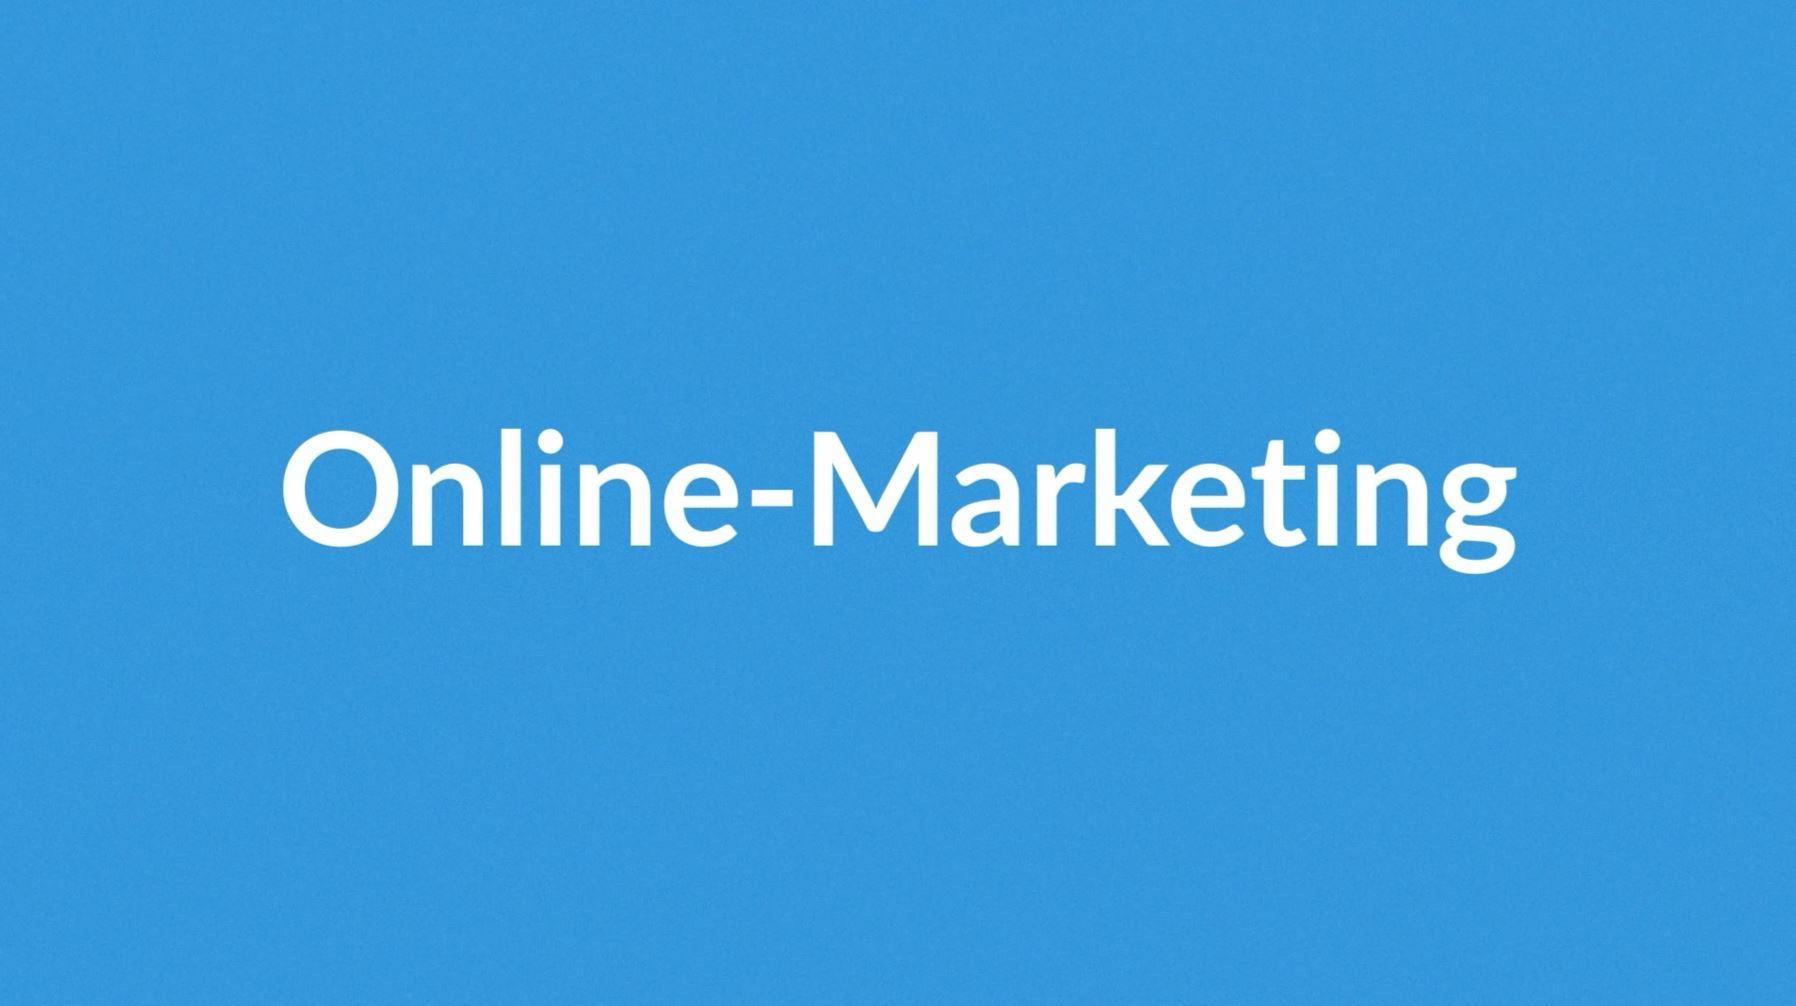 Erklärung: Eine starke Online-Marketing-Strategie wird Ihnen helfen, Ihr Geschäft anzukurbeln